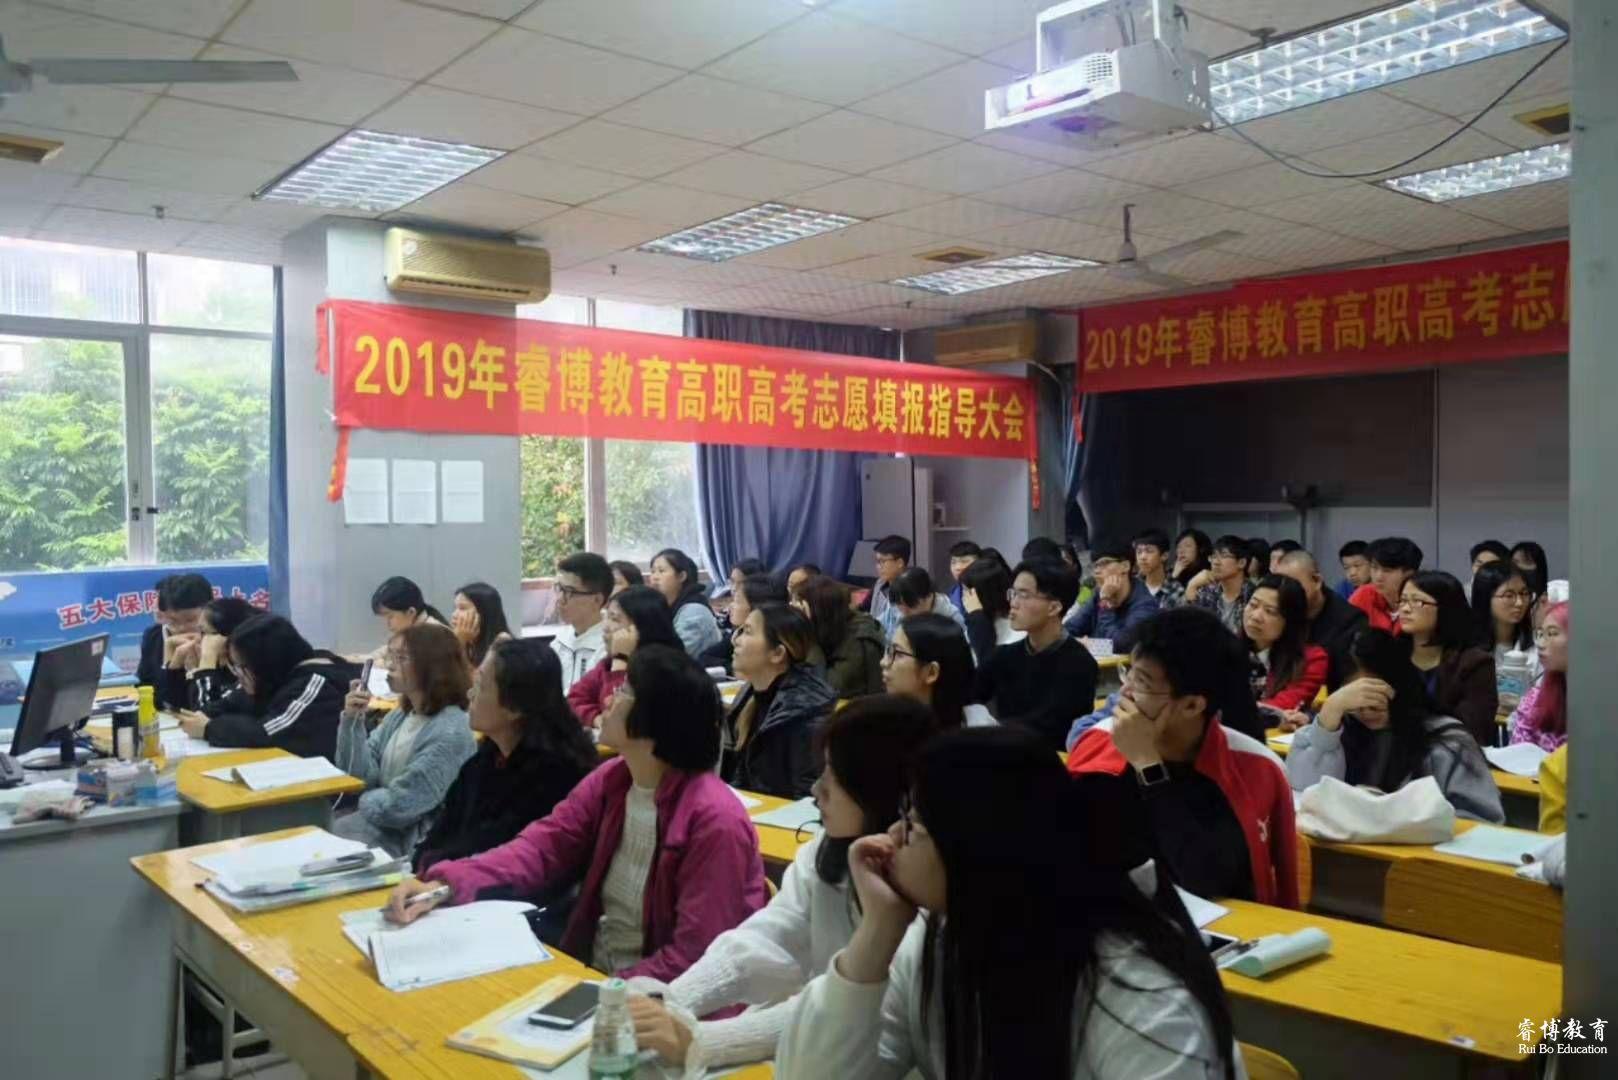 2019年高职高考(3+证书)志愿填报指导大会结束